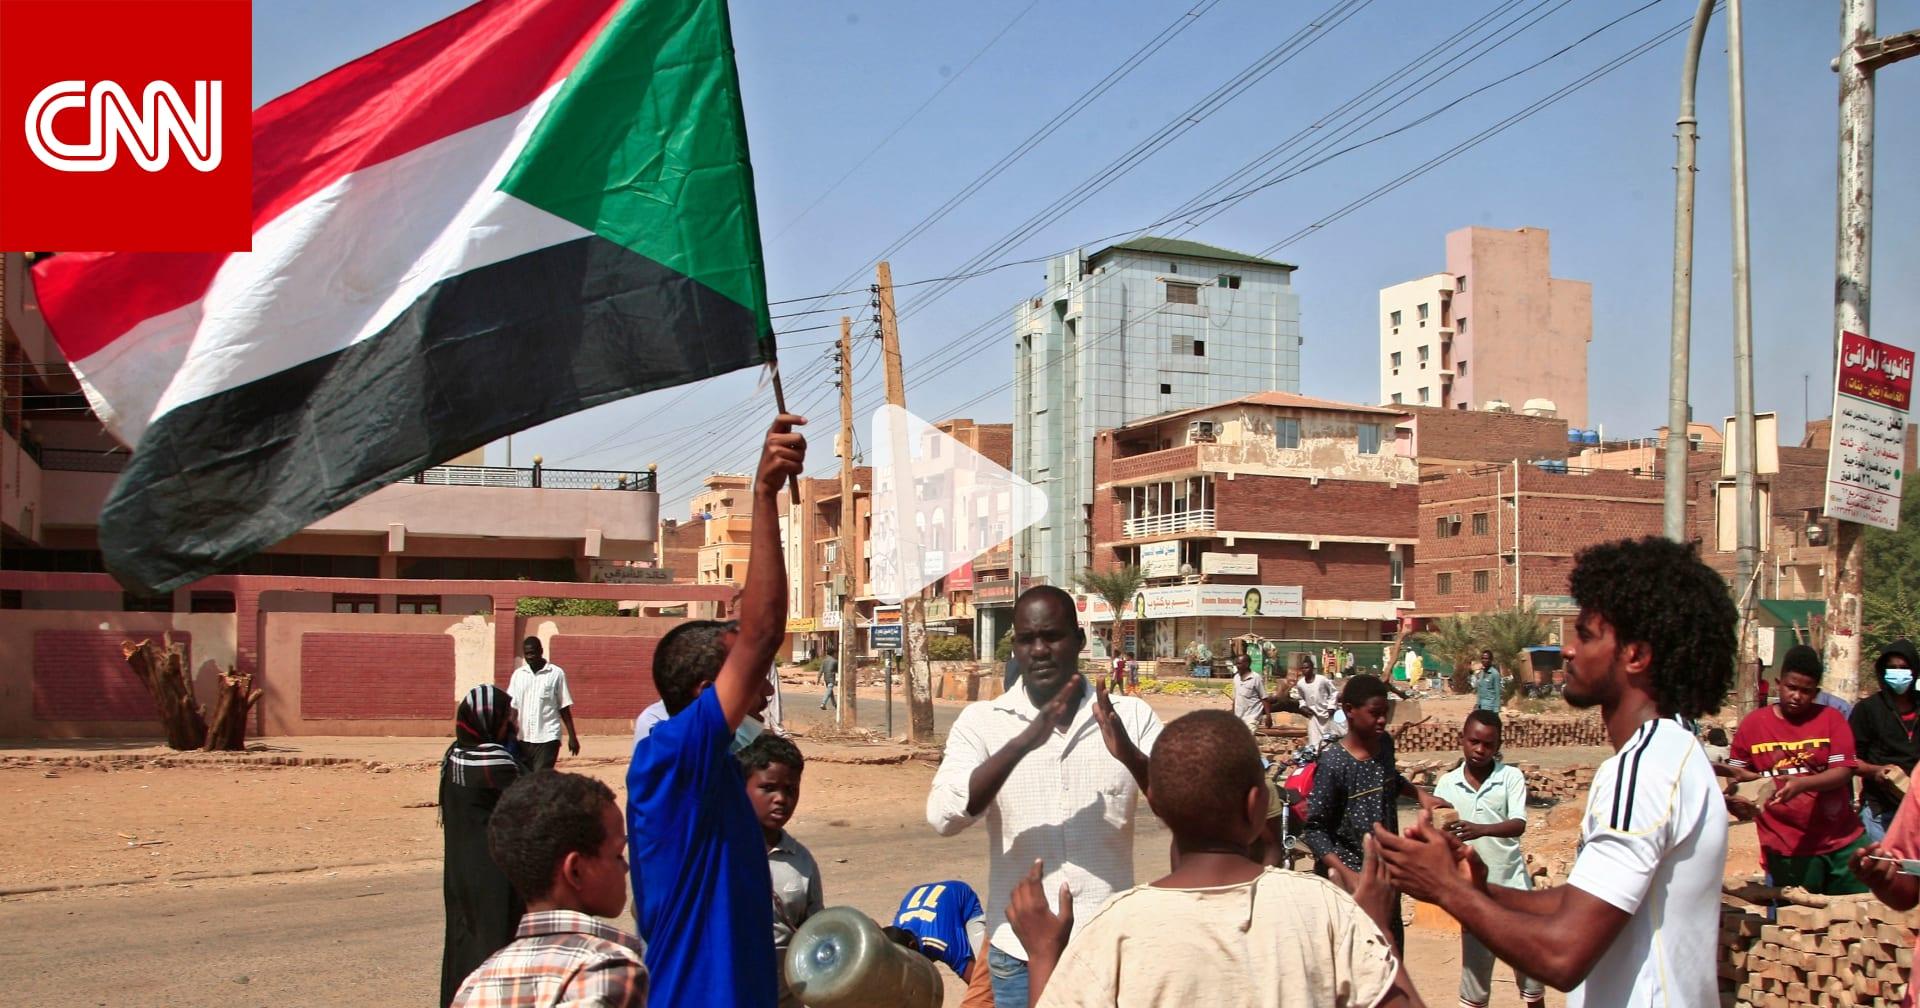 ضغط دولي على قادة الانقلاب في السودان.. والعصيان المدني مستمر